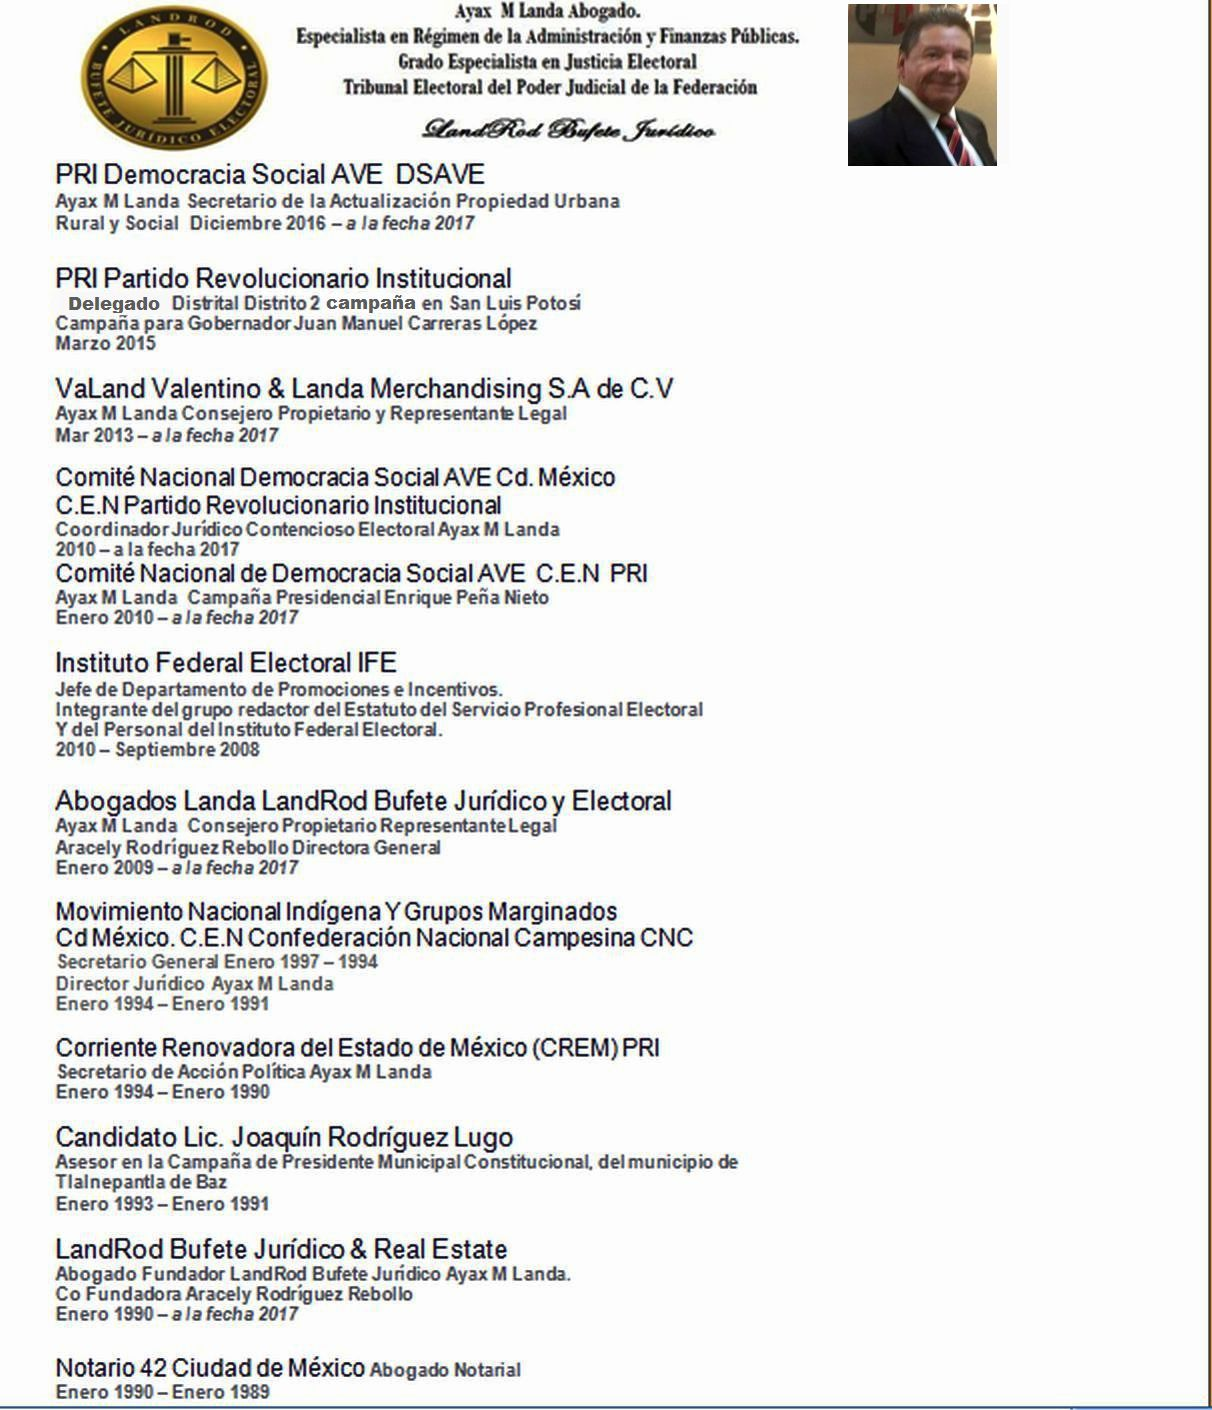 Lujoso Curriculum Vitae Del Especialista Modelo - Colección De ...